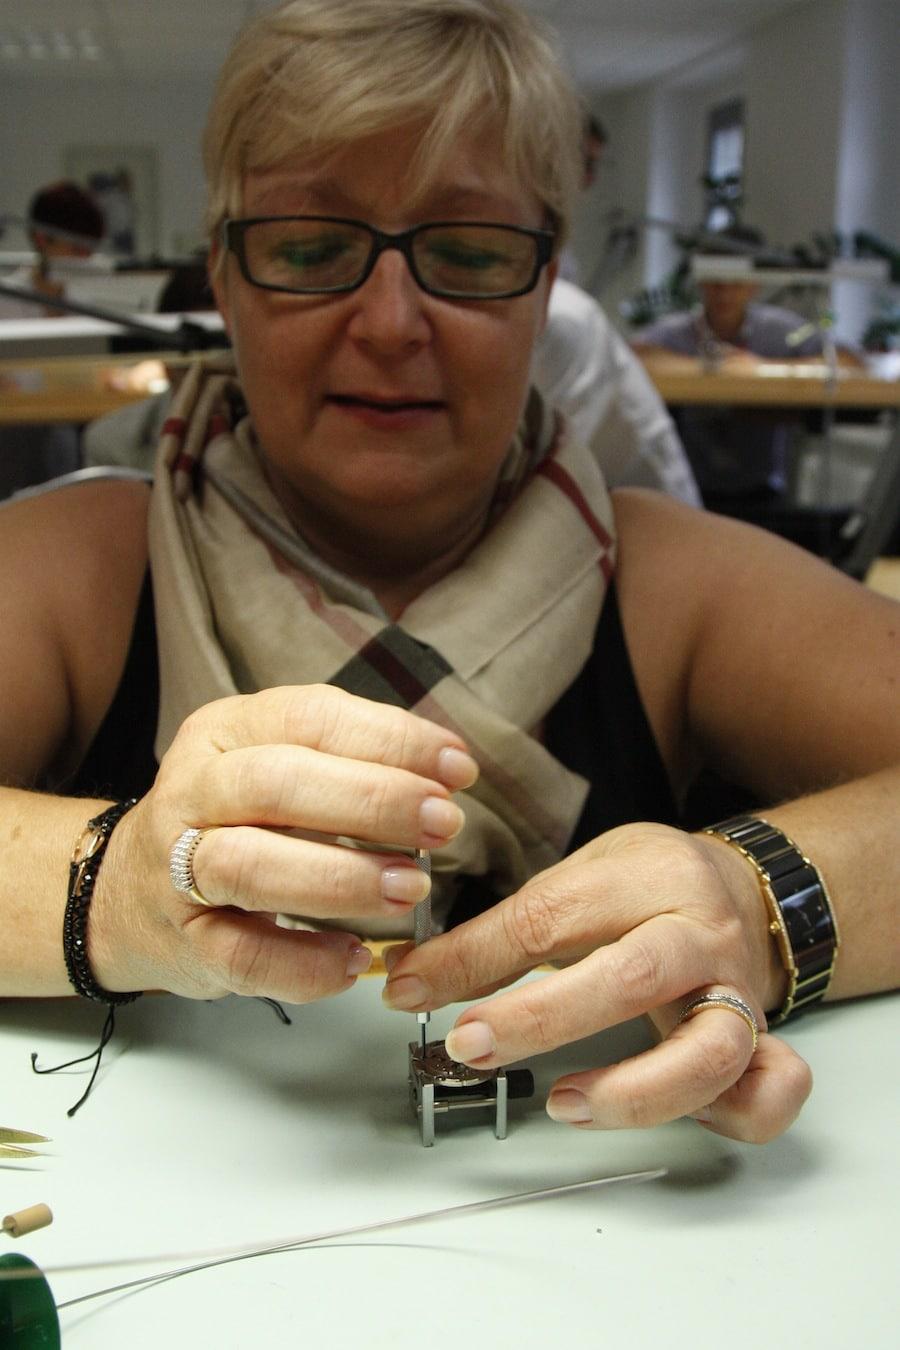 Die uhrmacherische Aufgabe bei den Fingerübungen war recht anspruchsvoll, wurde aber gemeistert.